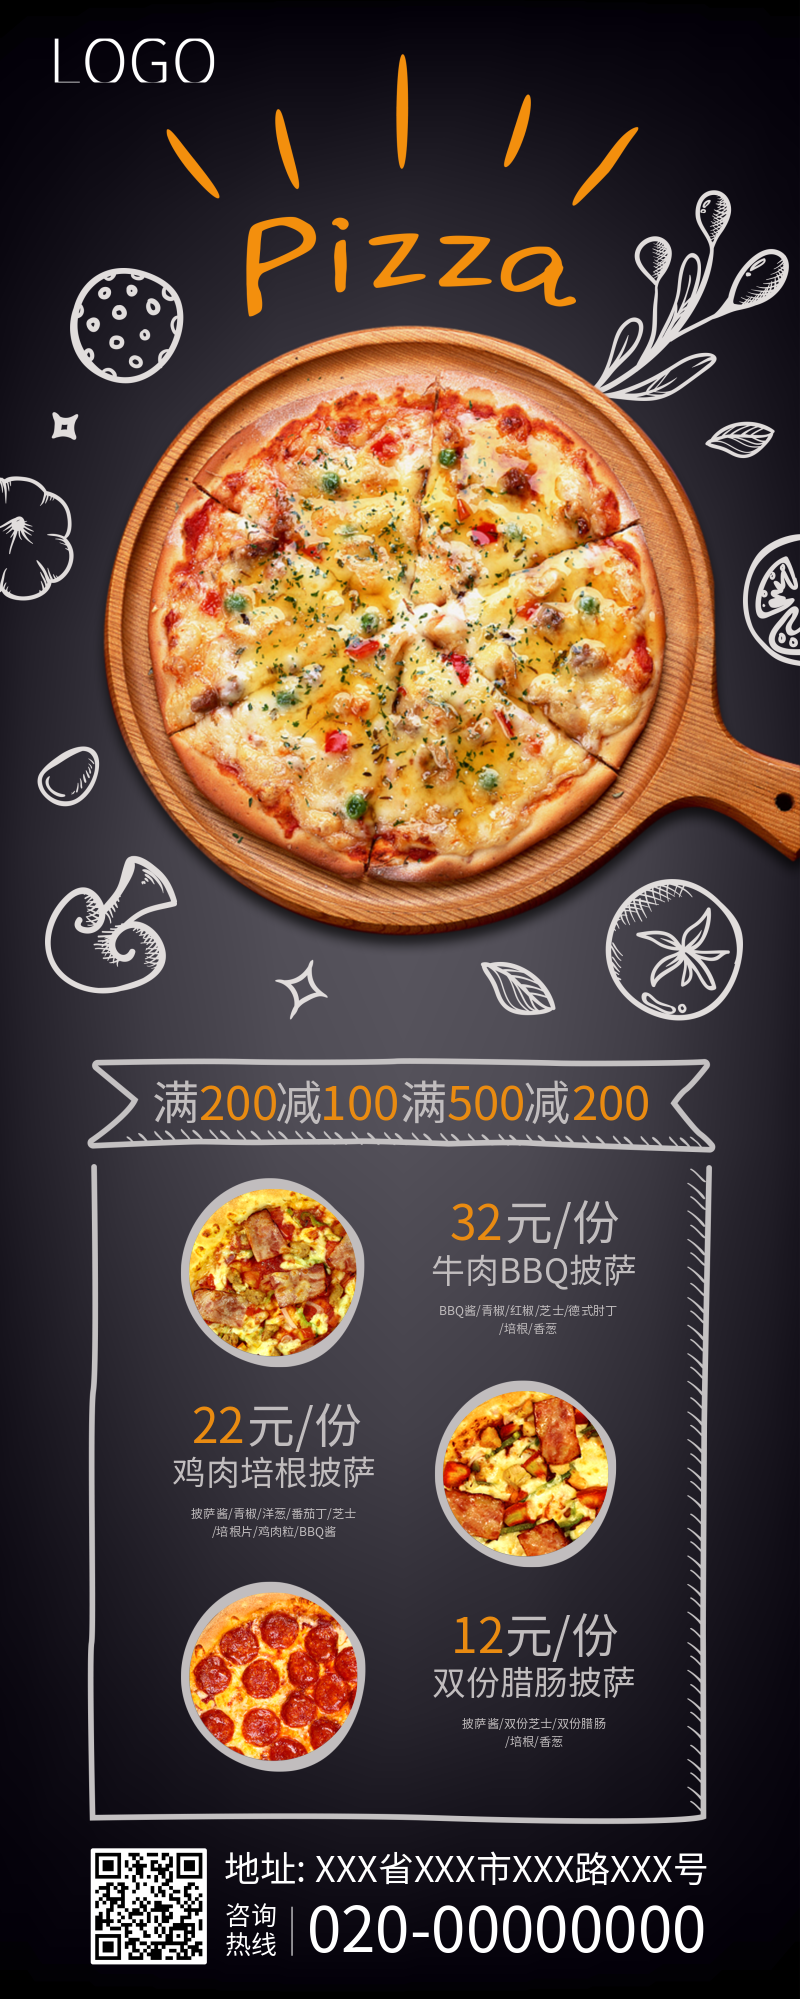 黑色手绘披萨餐饮活动促销2m易拉宝